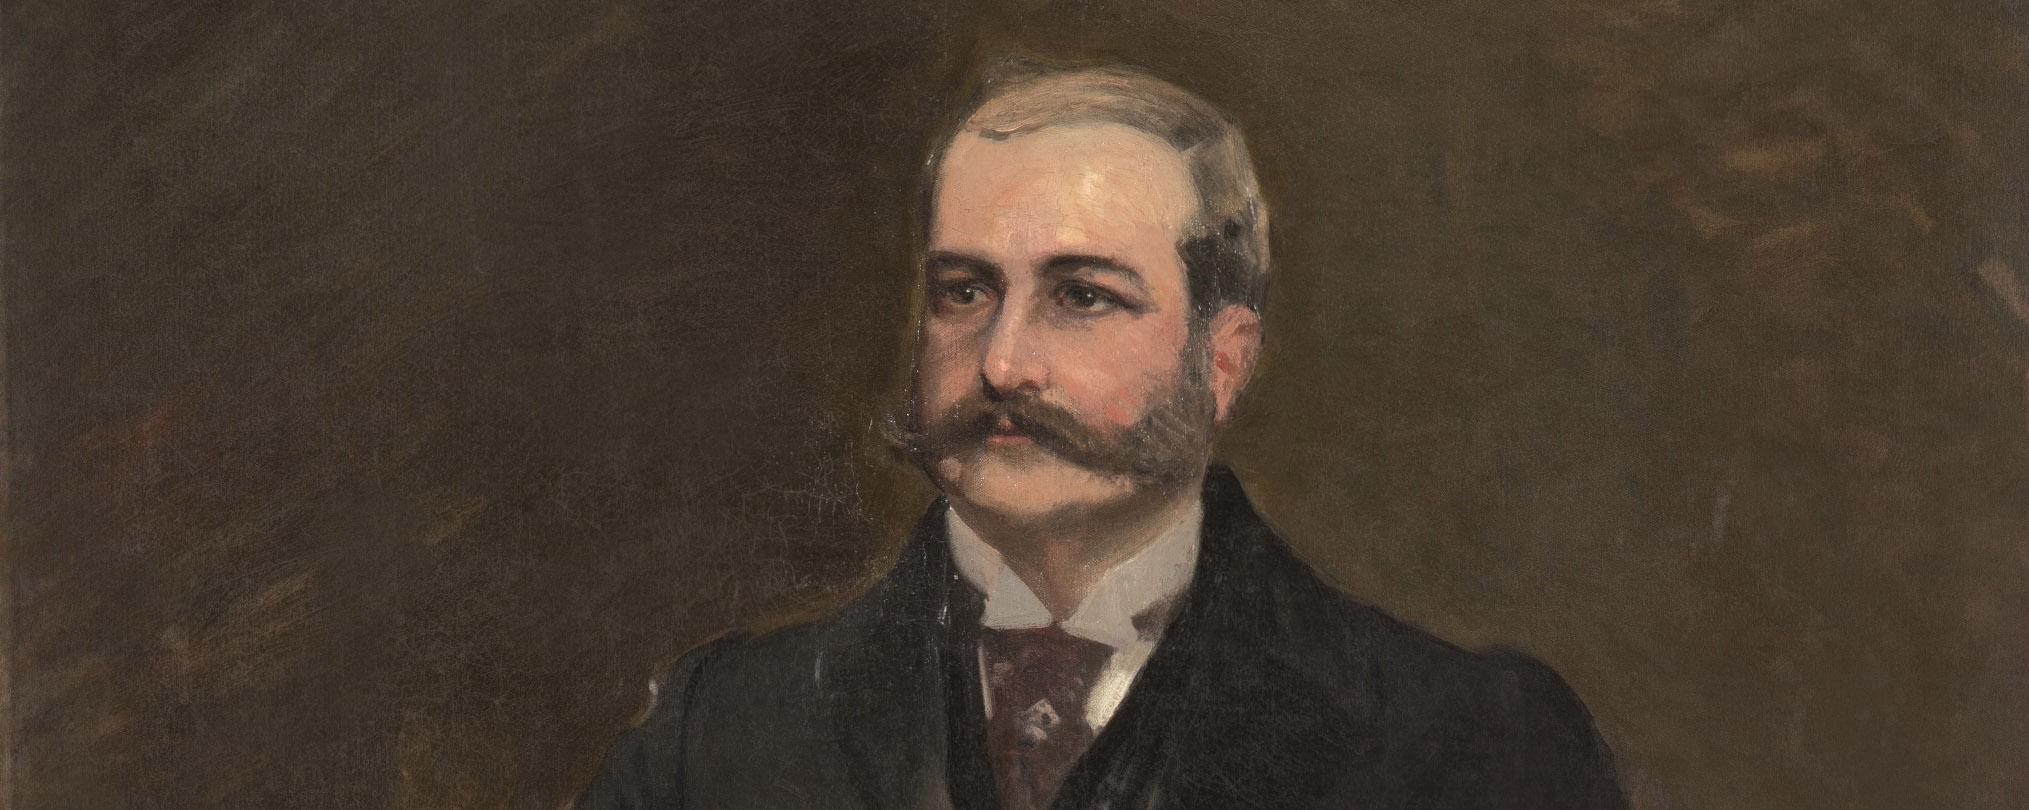 Joaquín Sorolla. Retrato de don Ricardo de Lezica y Thompson, c. 1906/7, detalle. Salida: 60.000 euros